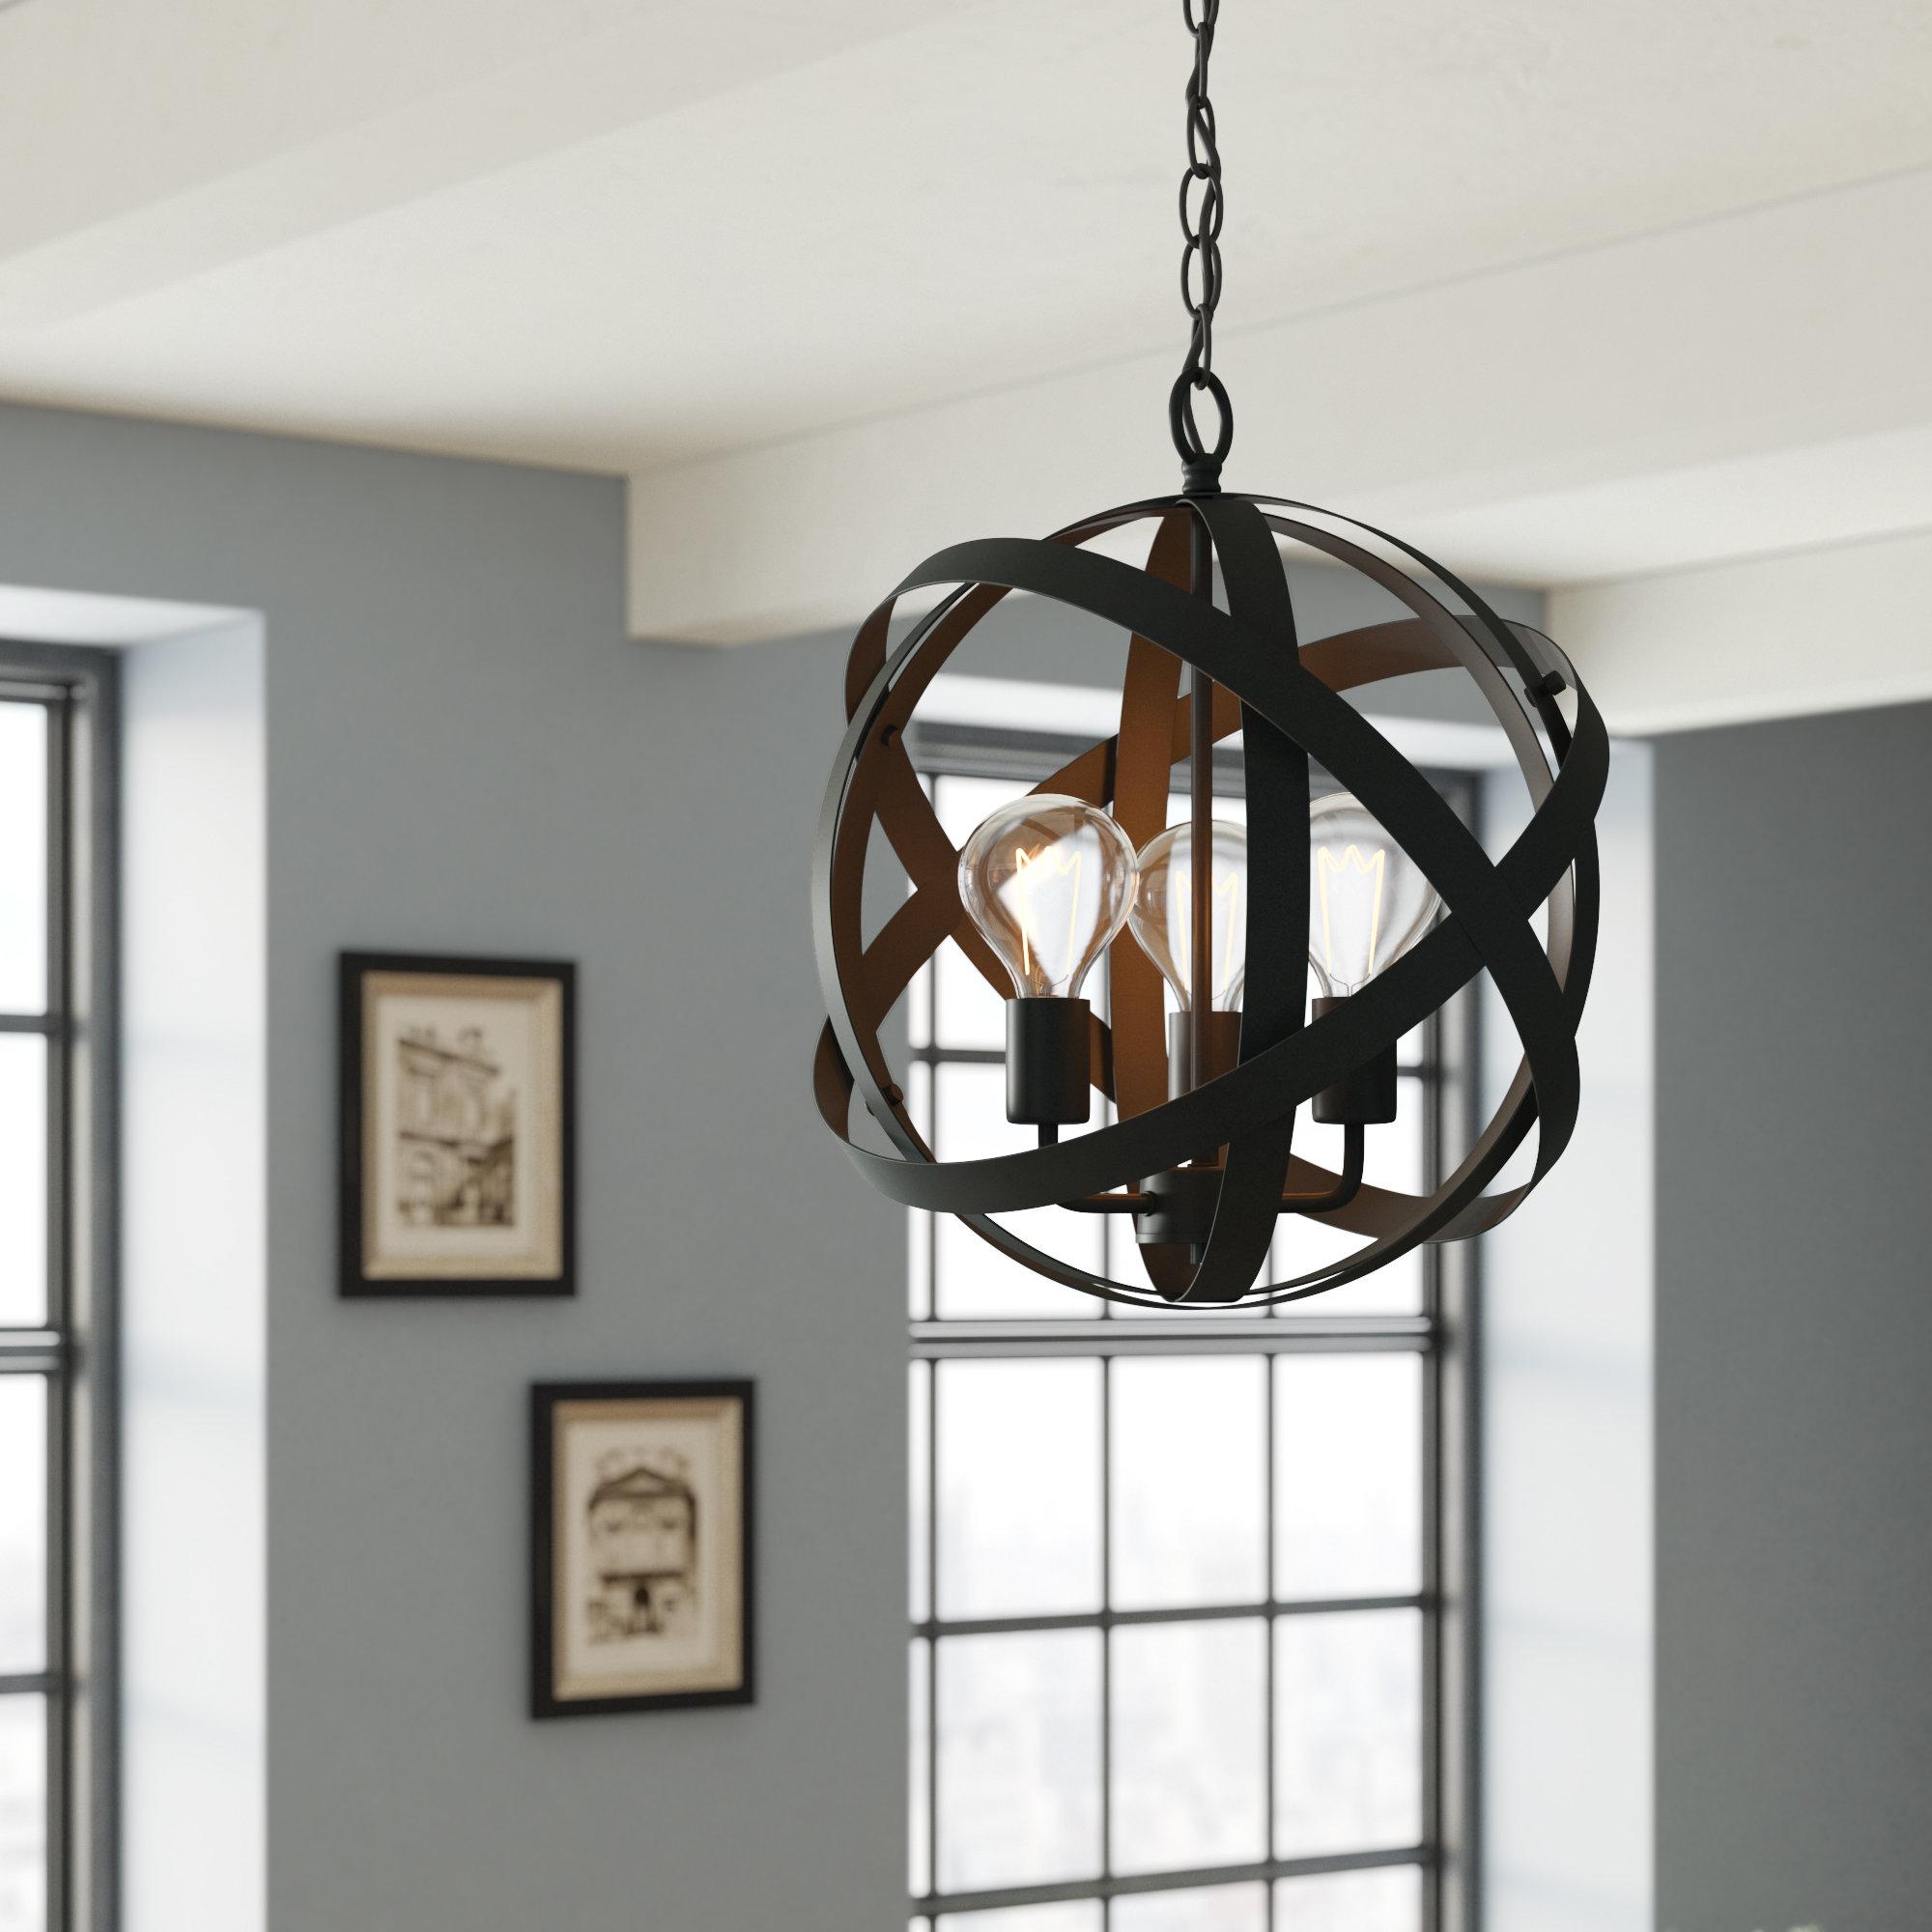 Framlingham 3-Light Globe Chandelier in Shipststour 3-Light Globe Chandeliers (Image 12 of 30)